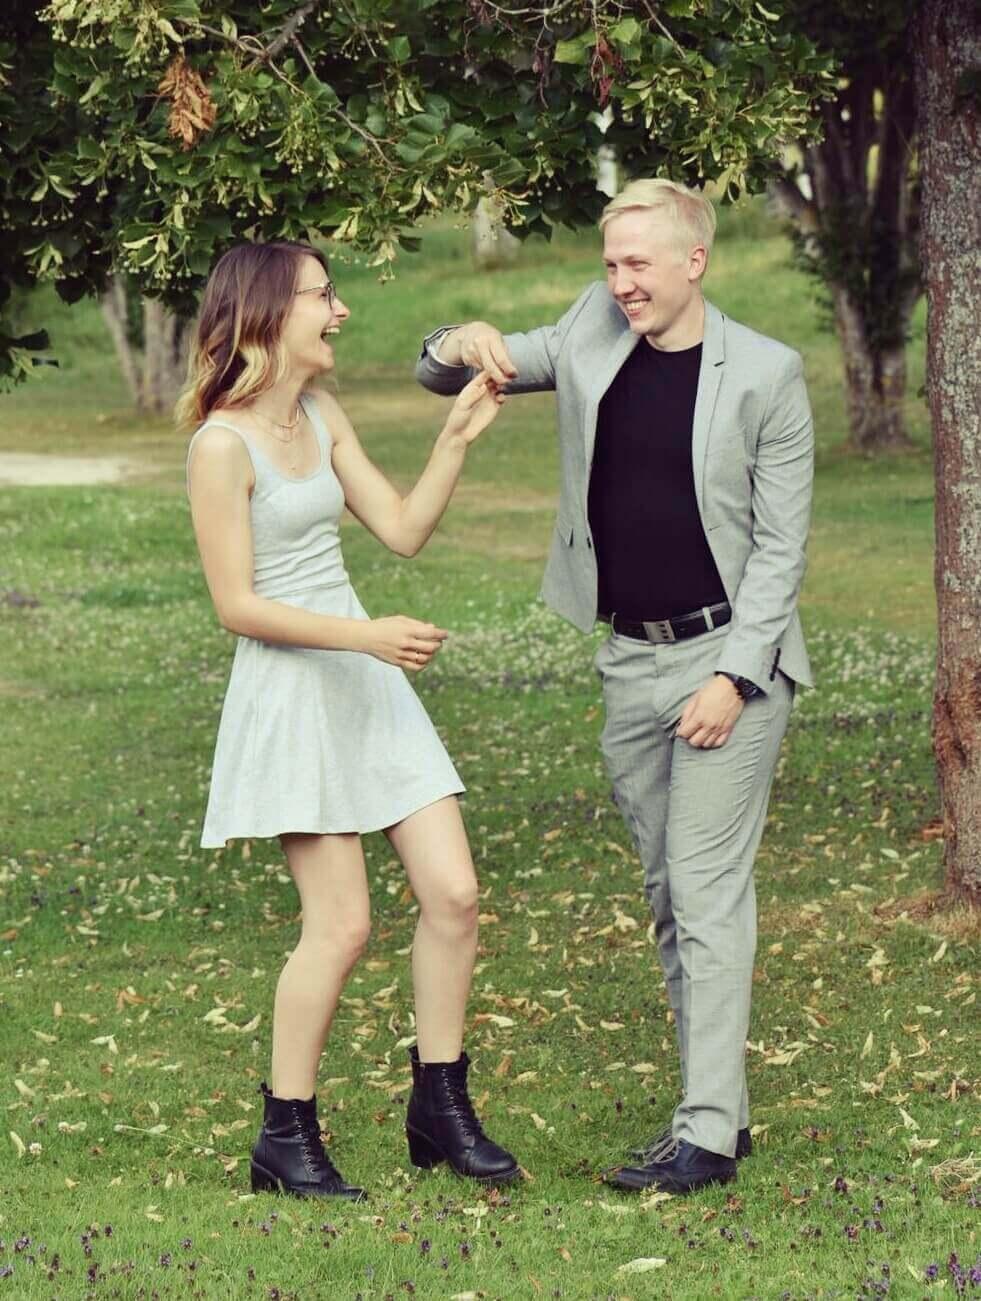 Bild beschreibt die Freude am Leben, die man als Ehepaar haben kann